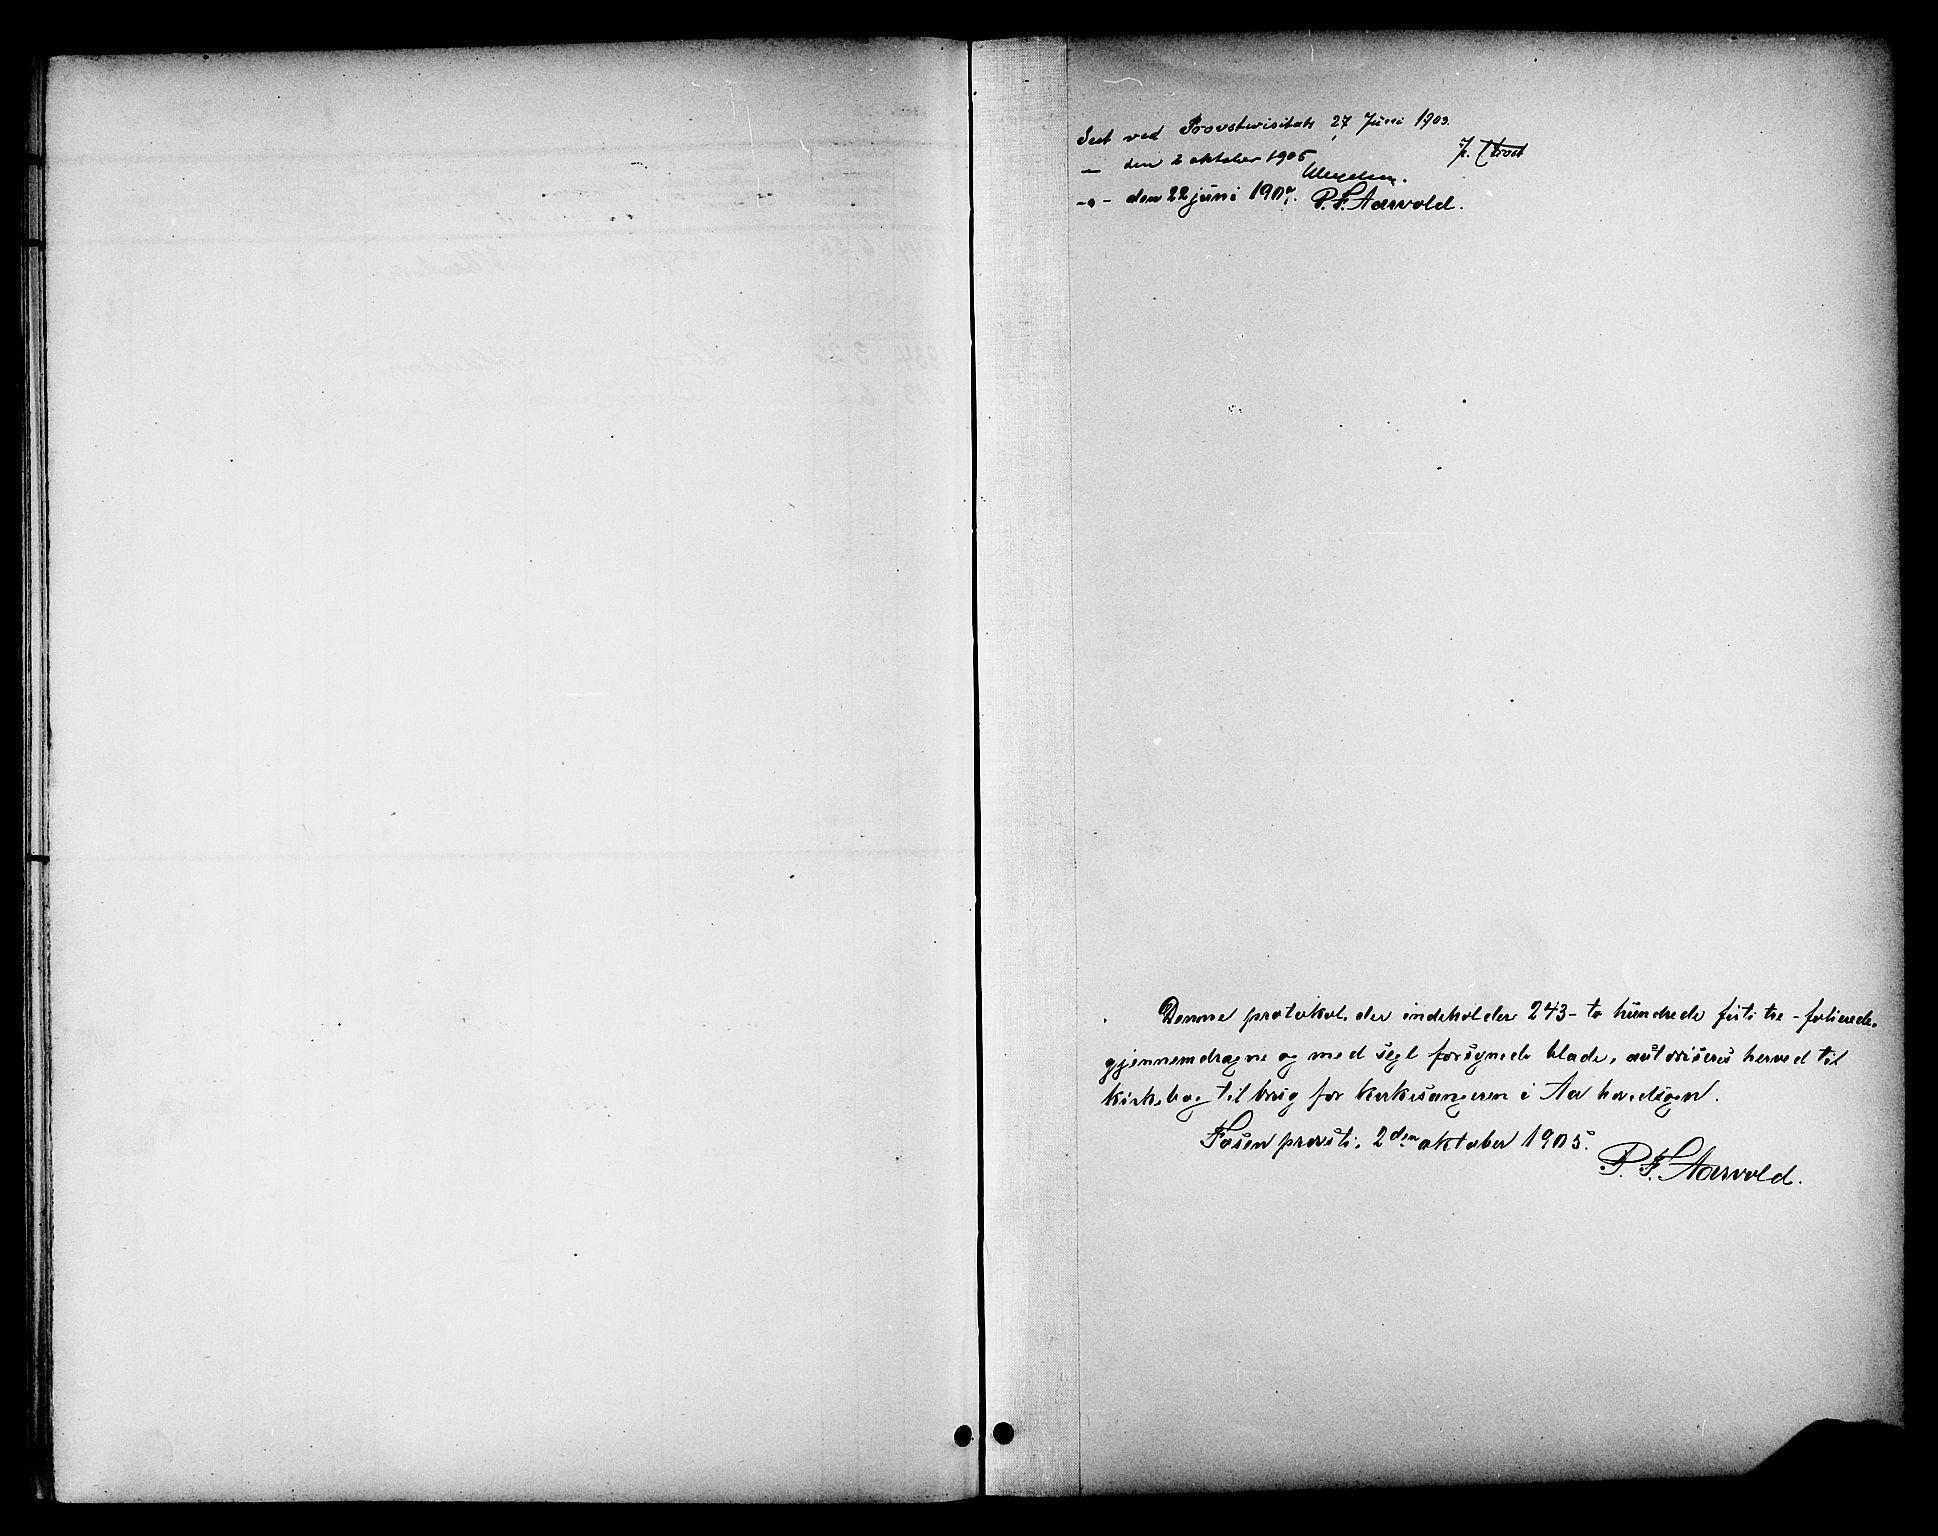 SAT, Ministerialprotokoller, klokkerbøker og fødselsregistre - Sør-Trøndelag, 655/L0688: Klokkerbok nr. 655C04, 1899-1922